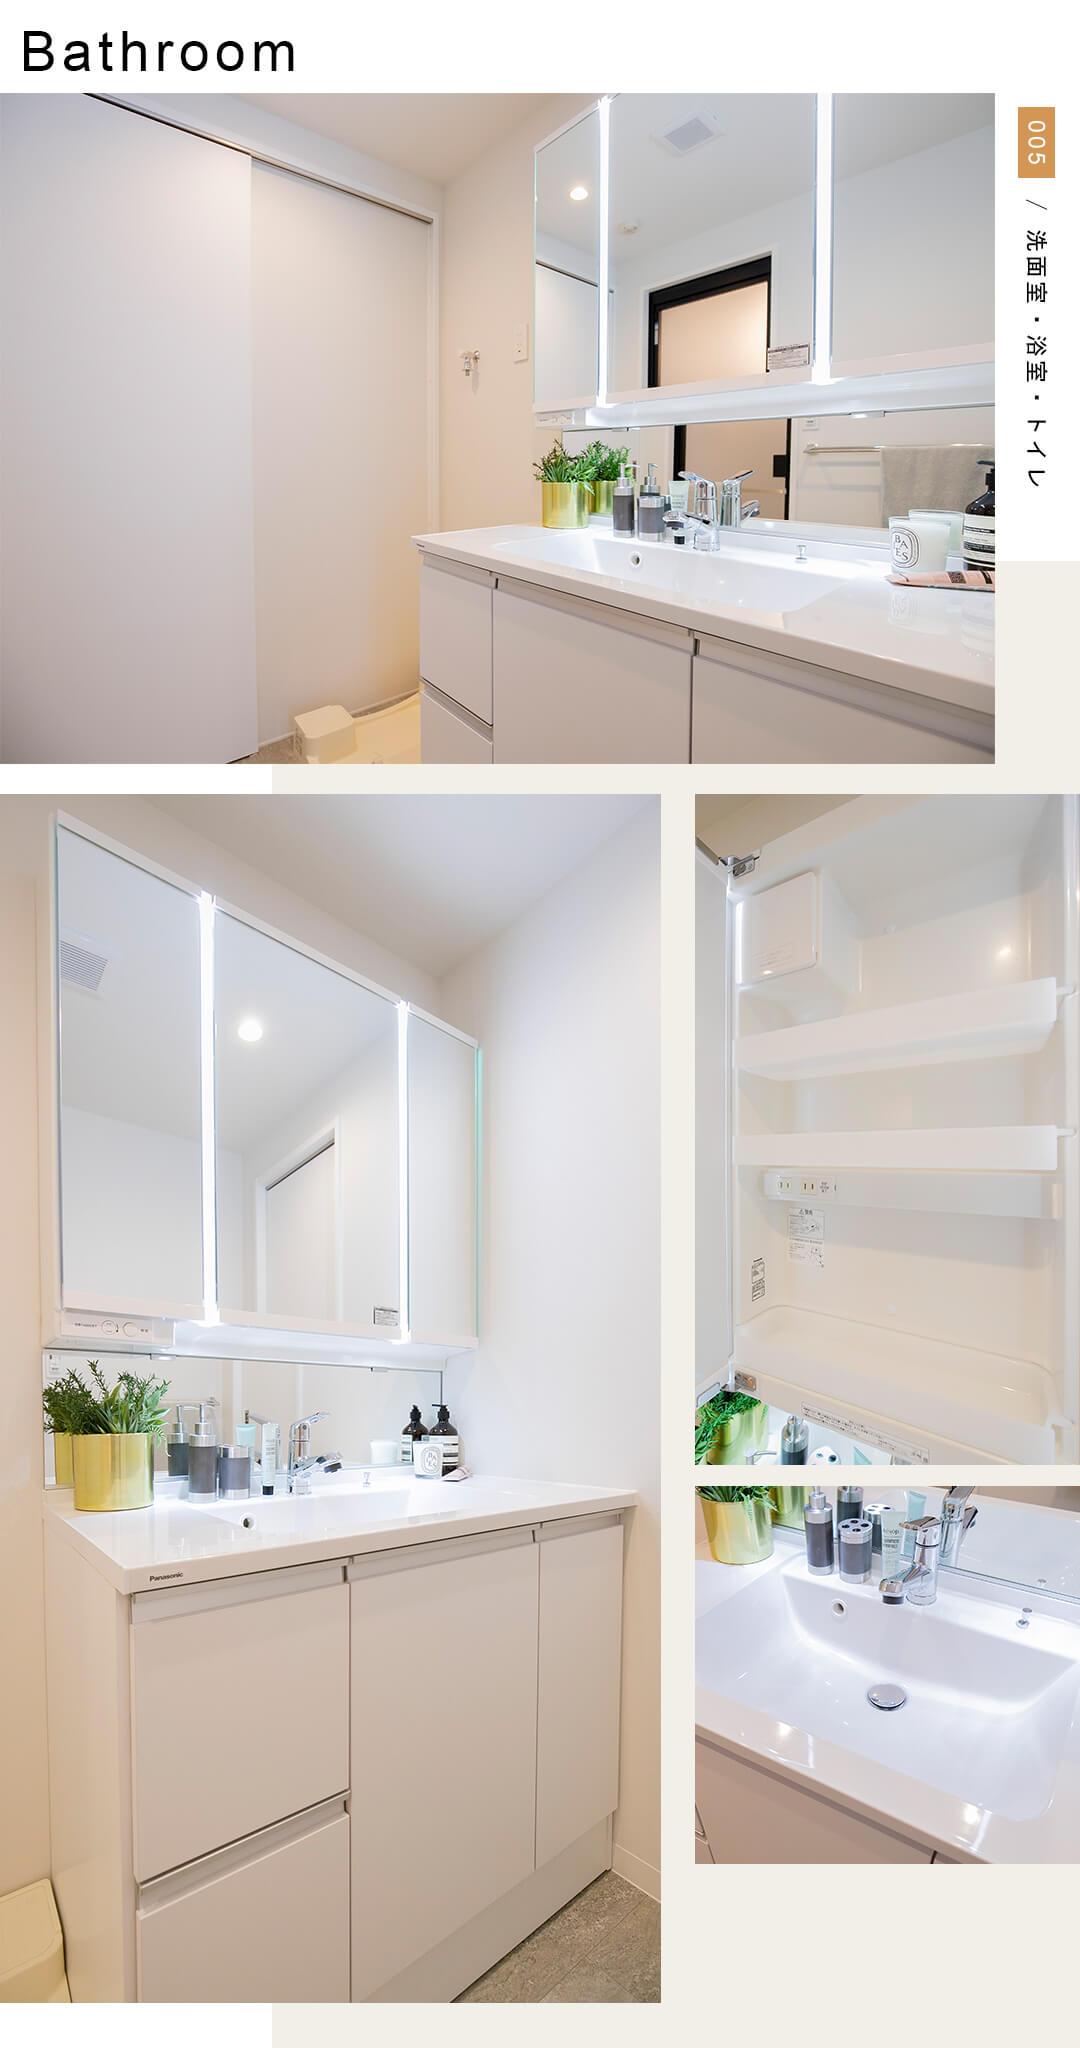 ベルジュ経堂の洗面室